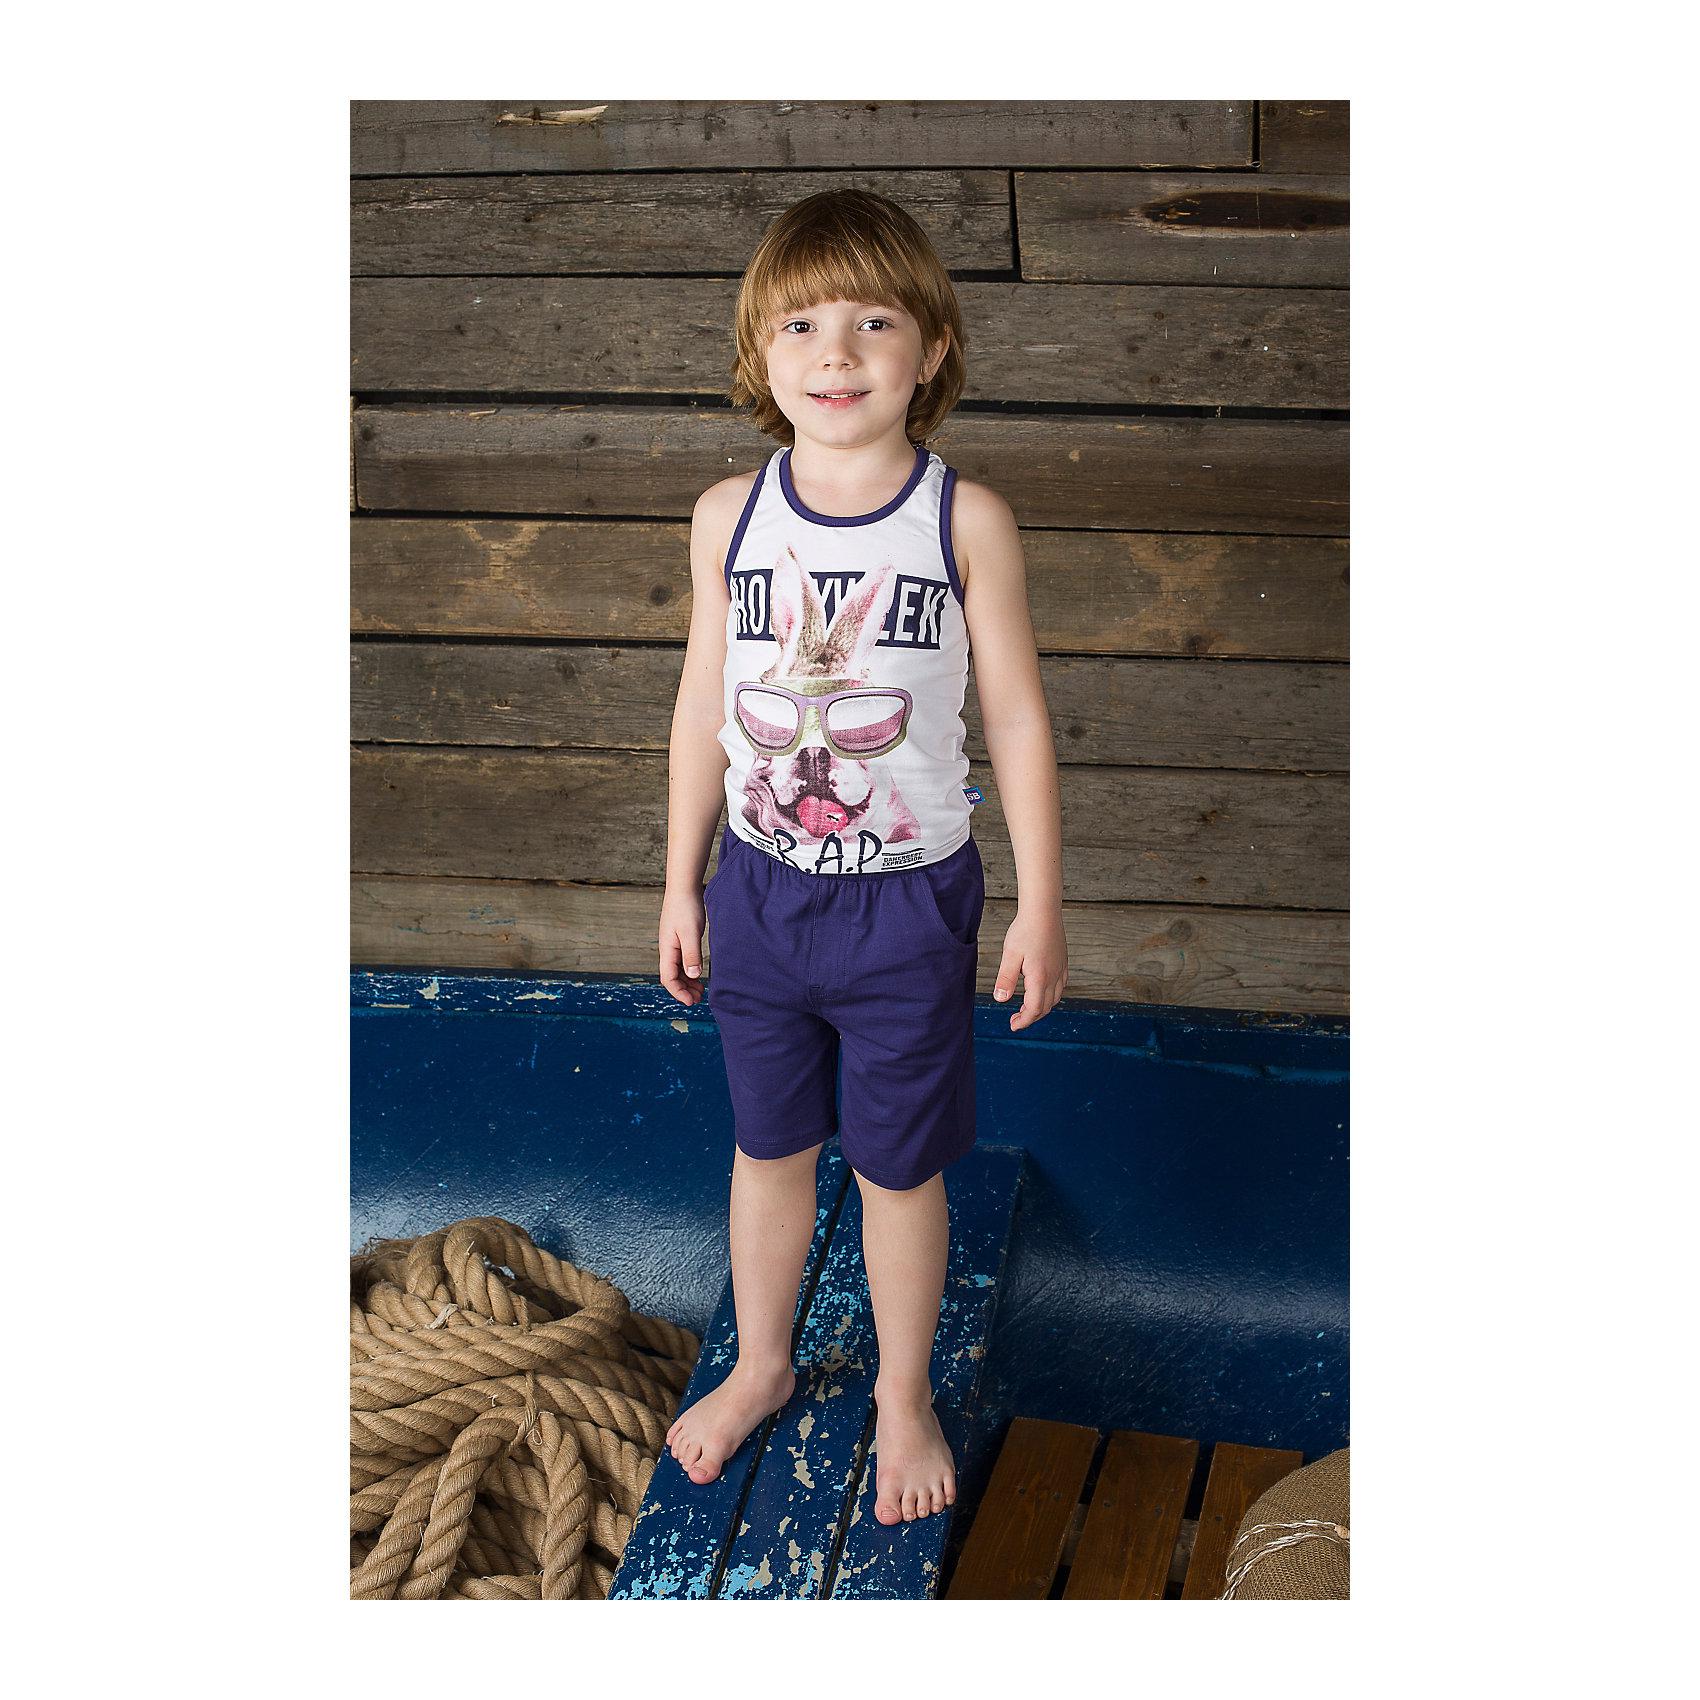 Комплект для мальчика: майка и шорты Sweet BerryФутболки, поло и топы<br>Комплект майка и шорты для мальчика. Шорты из тонкого трикотажа, на эластичном поясе с внутренней резинкой и дополнительных хлопковым шнурком. Майка украшена принтом.<br>Состав:<br>95% хлопок 5% эластан<br><br>Ширина мм: 199<br>Глубина мм: 10<br>Высота мм: 161<br>Вес г: 151<br>Цвет: белый/синий<br>Возраст от месяцев: 48<br>Возраст до месяцев: 60<br>Пол: Мужской<br>Возраст: Детский<br>Размер: 110,116,122,104,98,128<br>SKU: 4523069